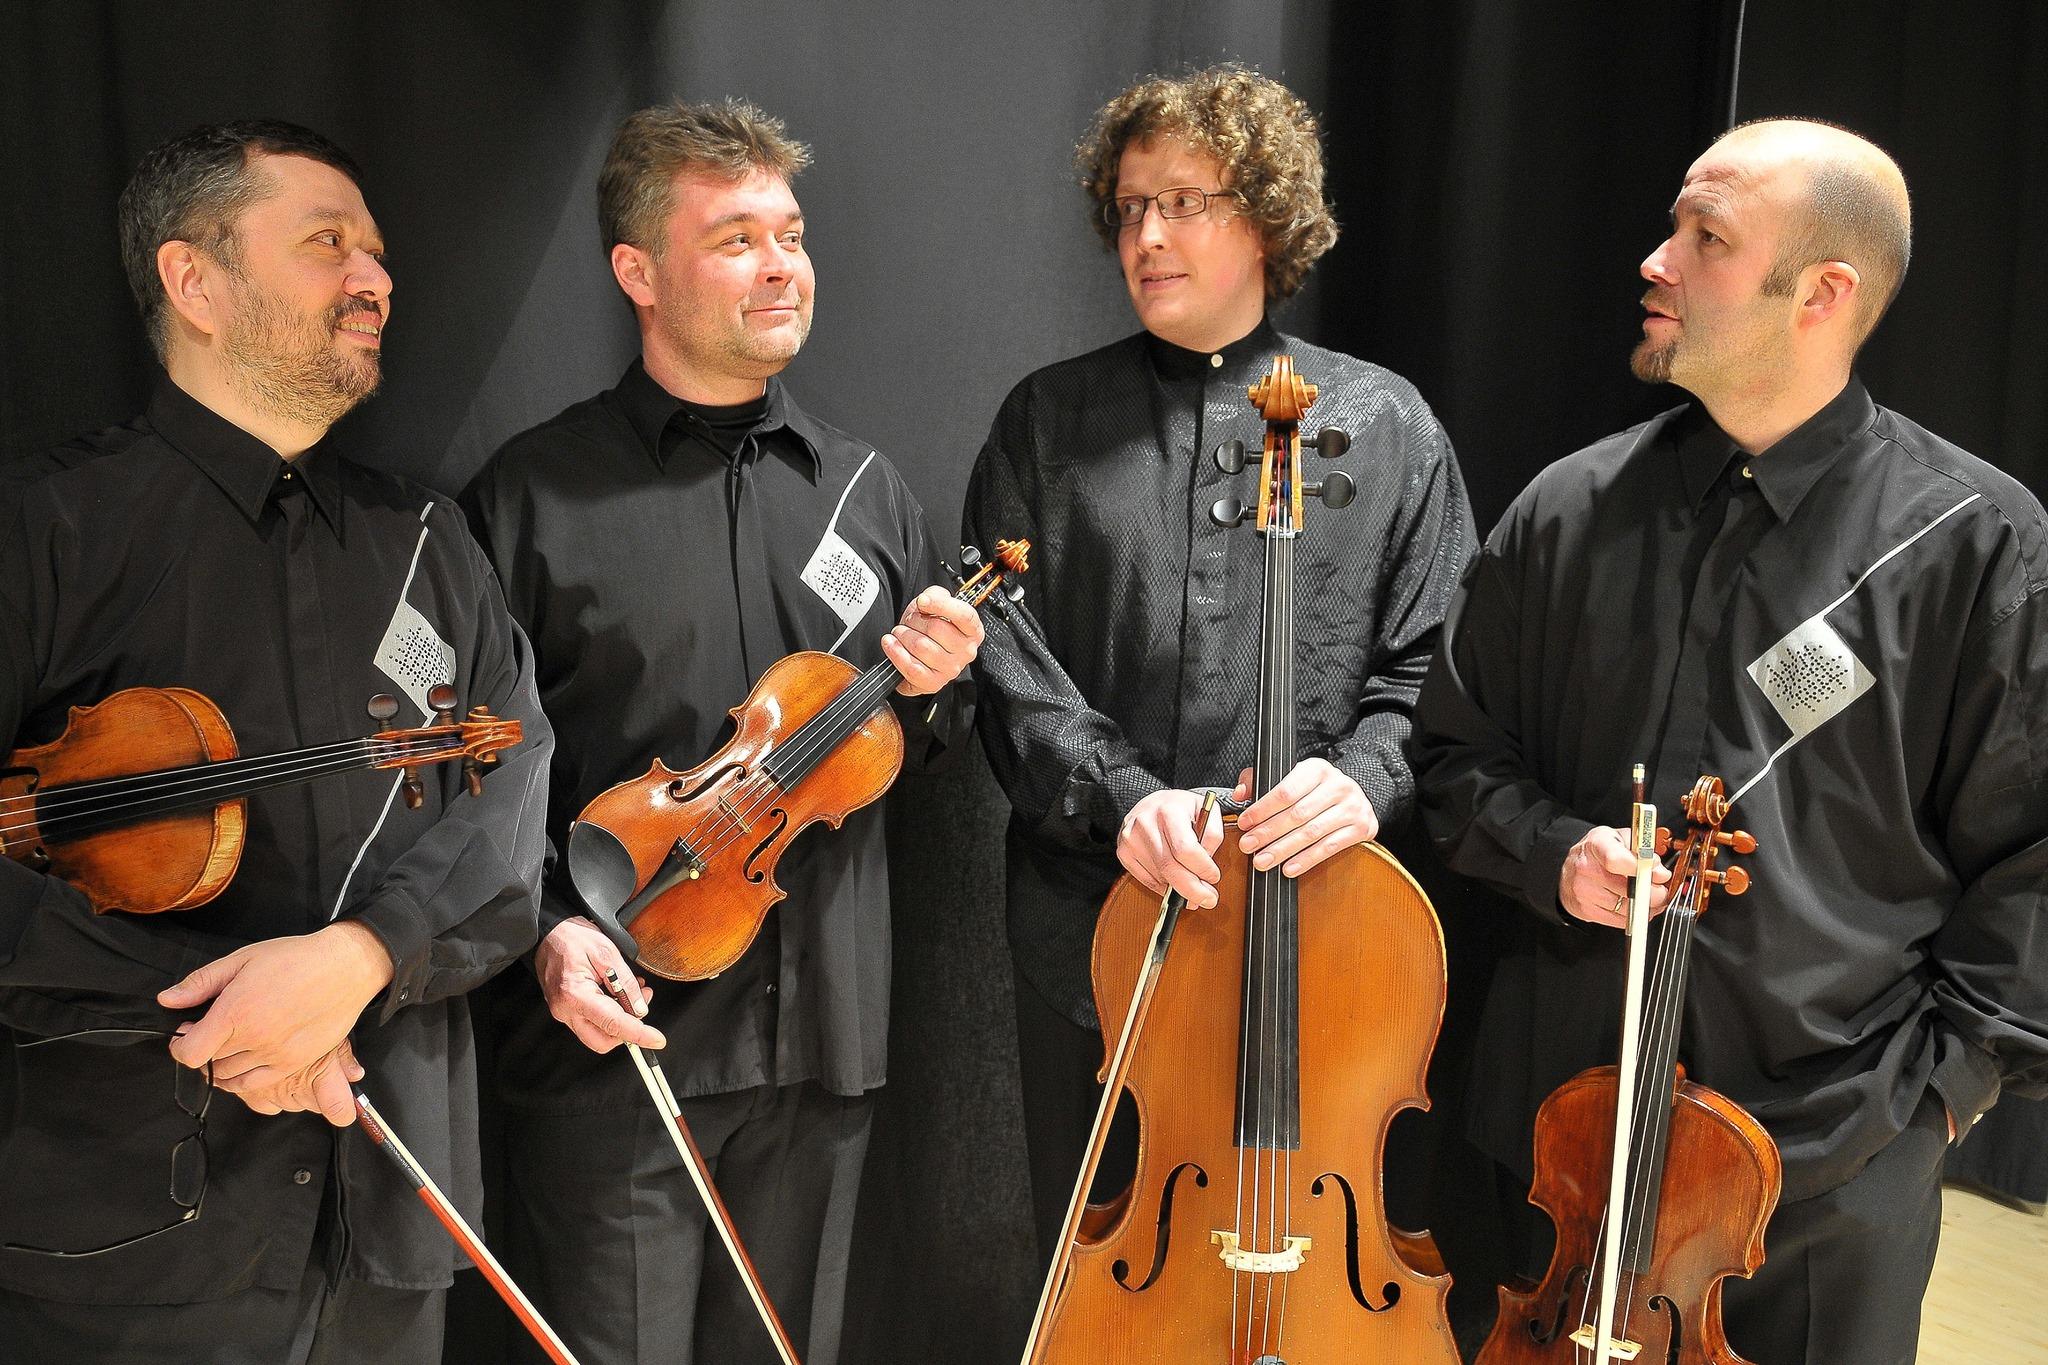 2017-01-27, Amadeus Tafelrunde, Nostitz Quartett, ©Archiv SMG